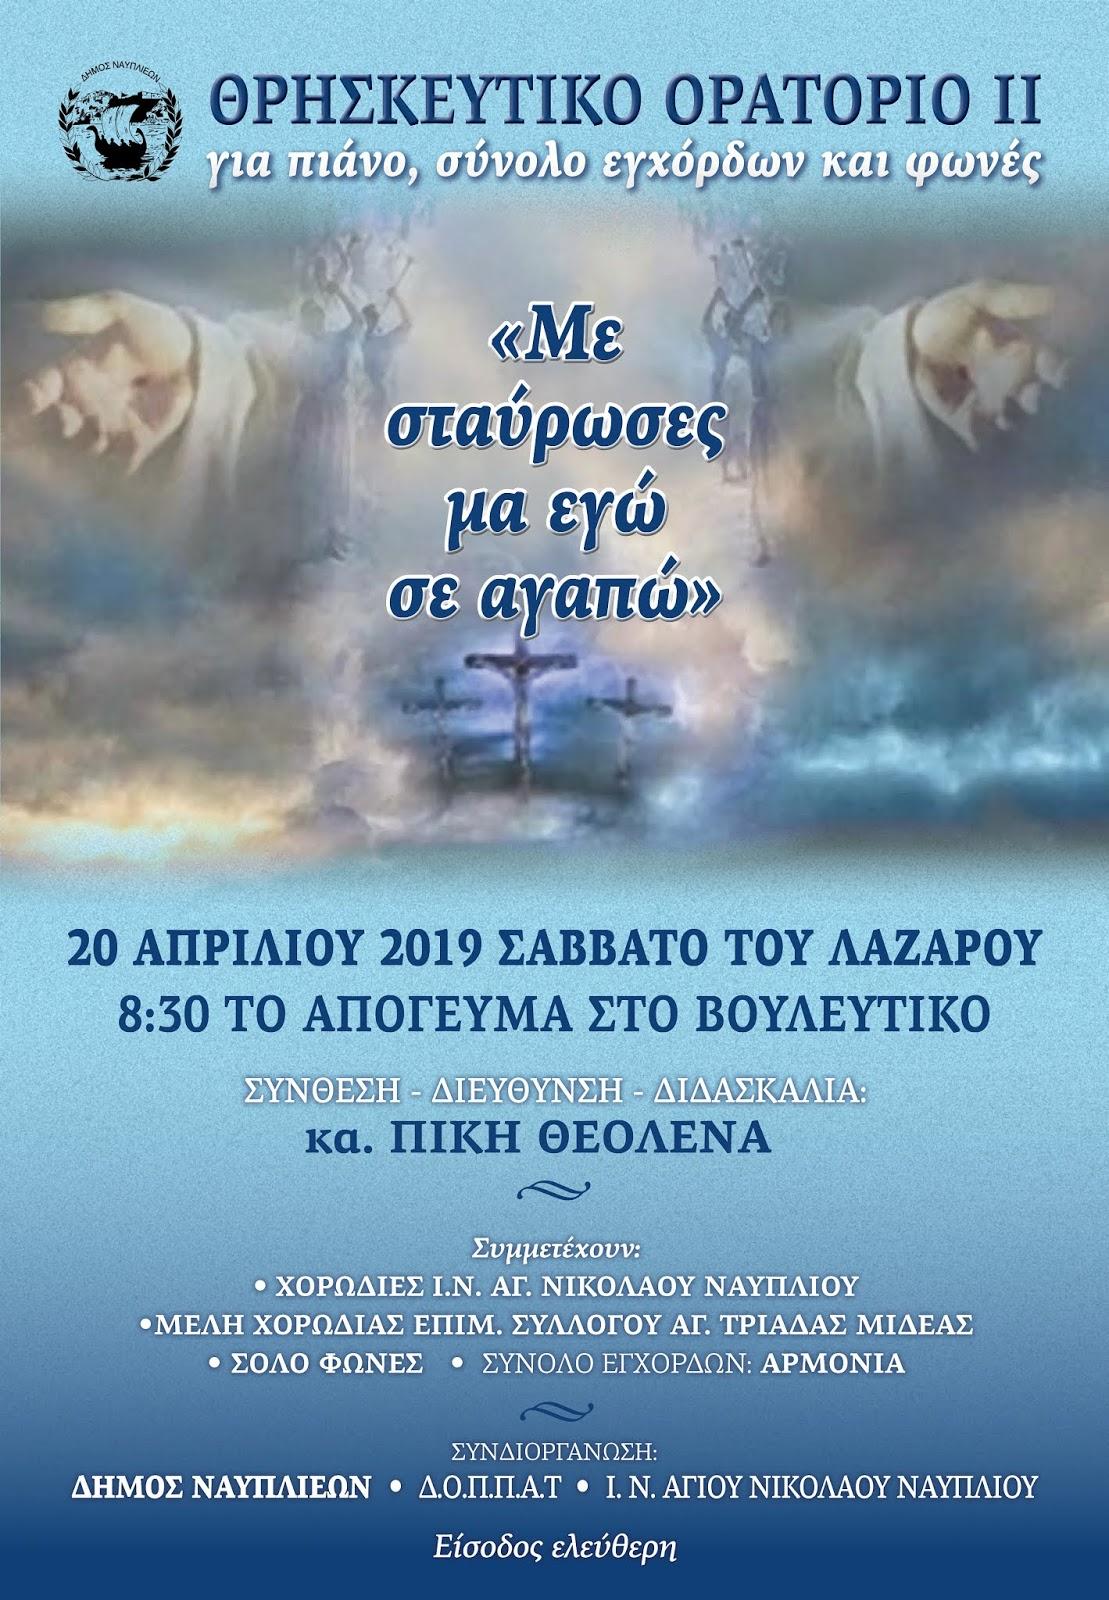 """Θρησκευτικό Ορατόριο στο Ναύπλιο """"…  ΜΕ ΣΤΑΥΡΩΣΕΣ ΜΑ ΕΓΩ ΣΕ ΑΓΑΠΩ.."""""""